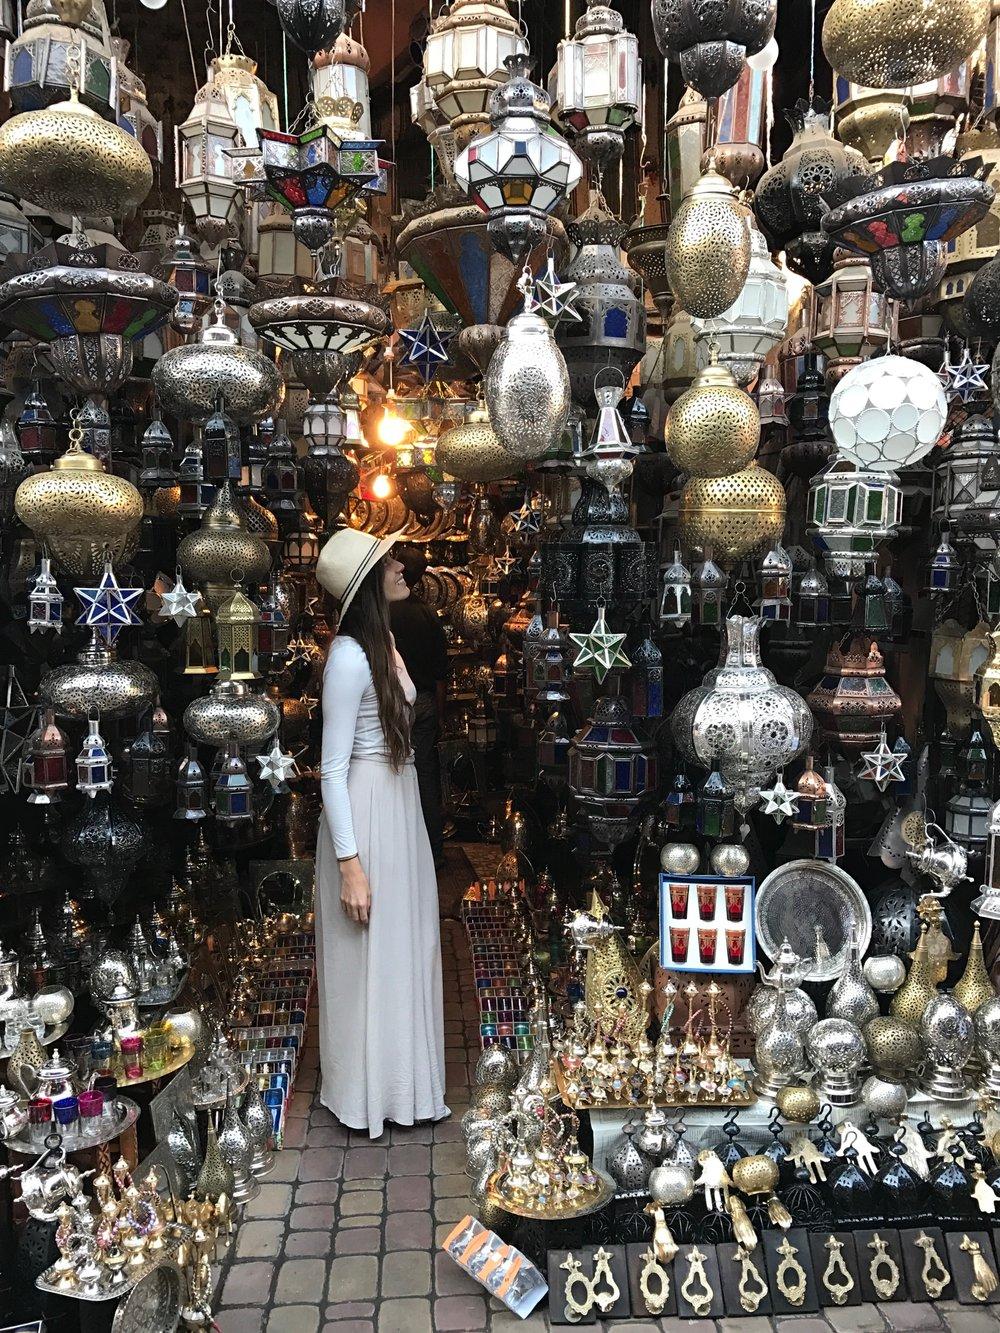 Souk - Marrakech Morocco, October 2016